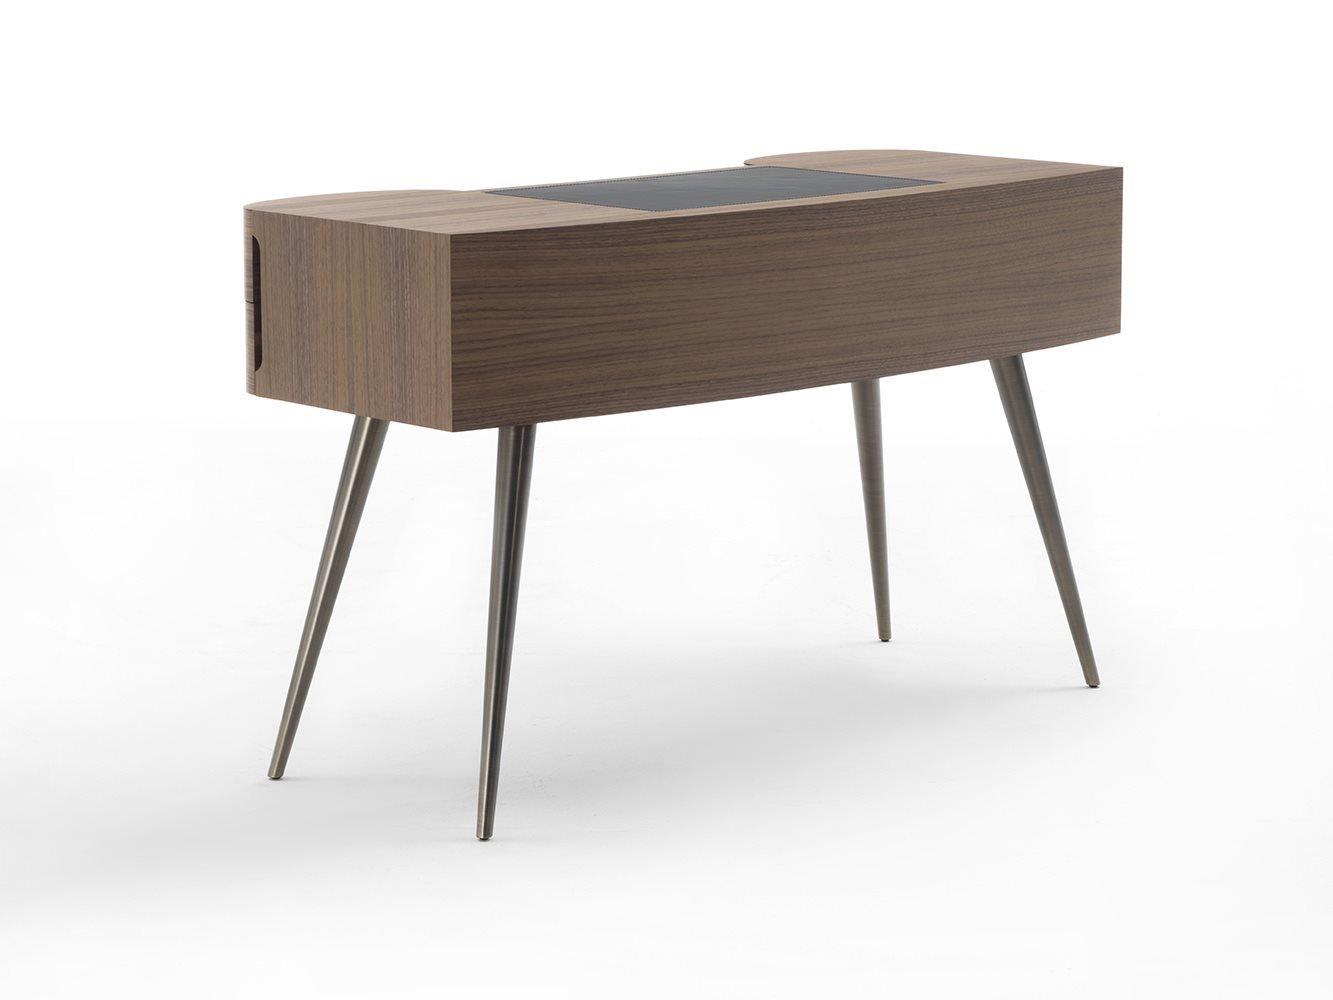 Micol Desk from Porada, designed by G. Azzarello